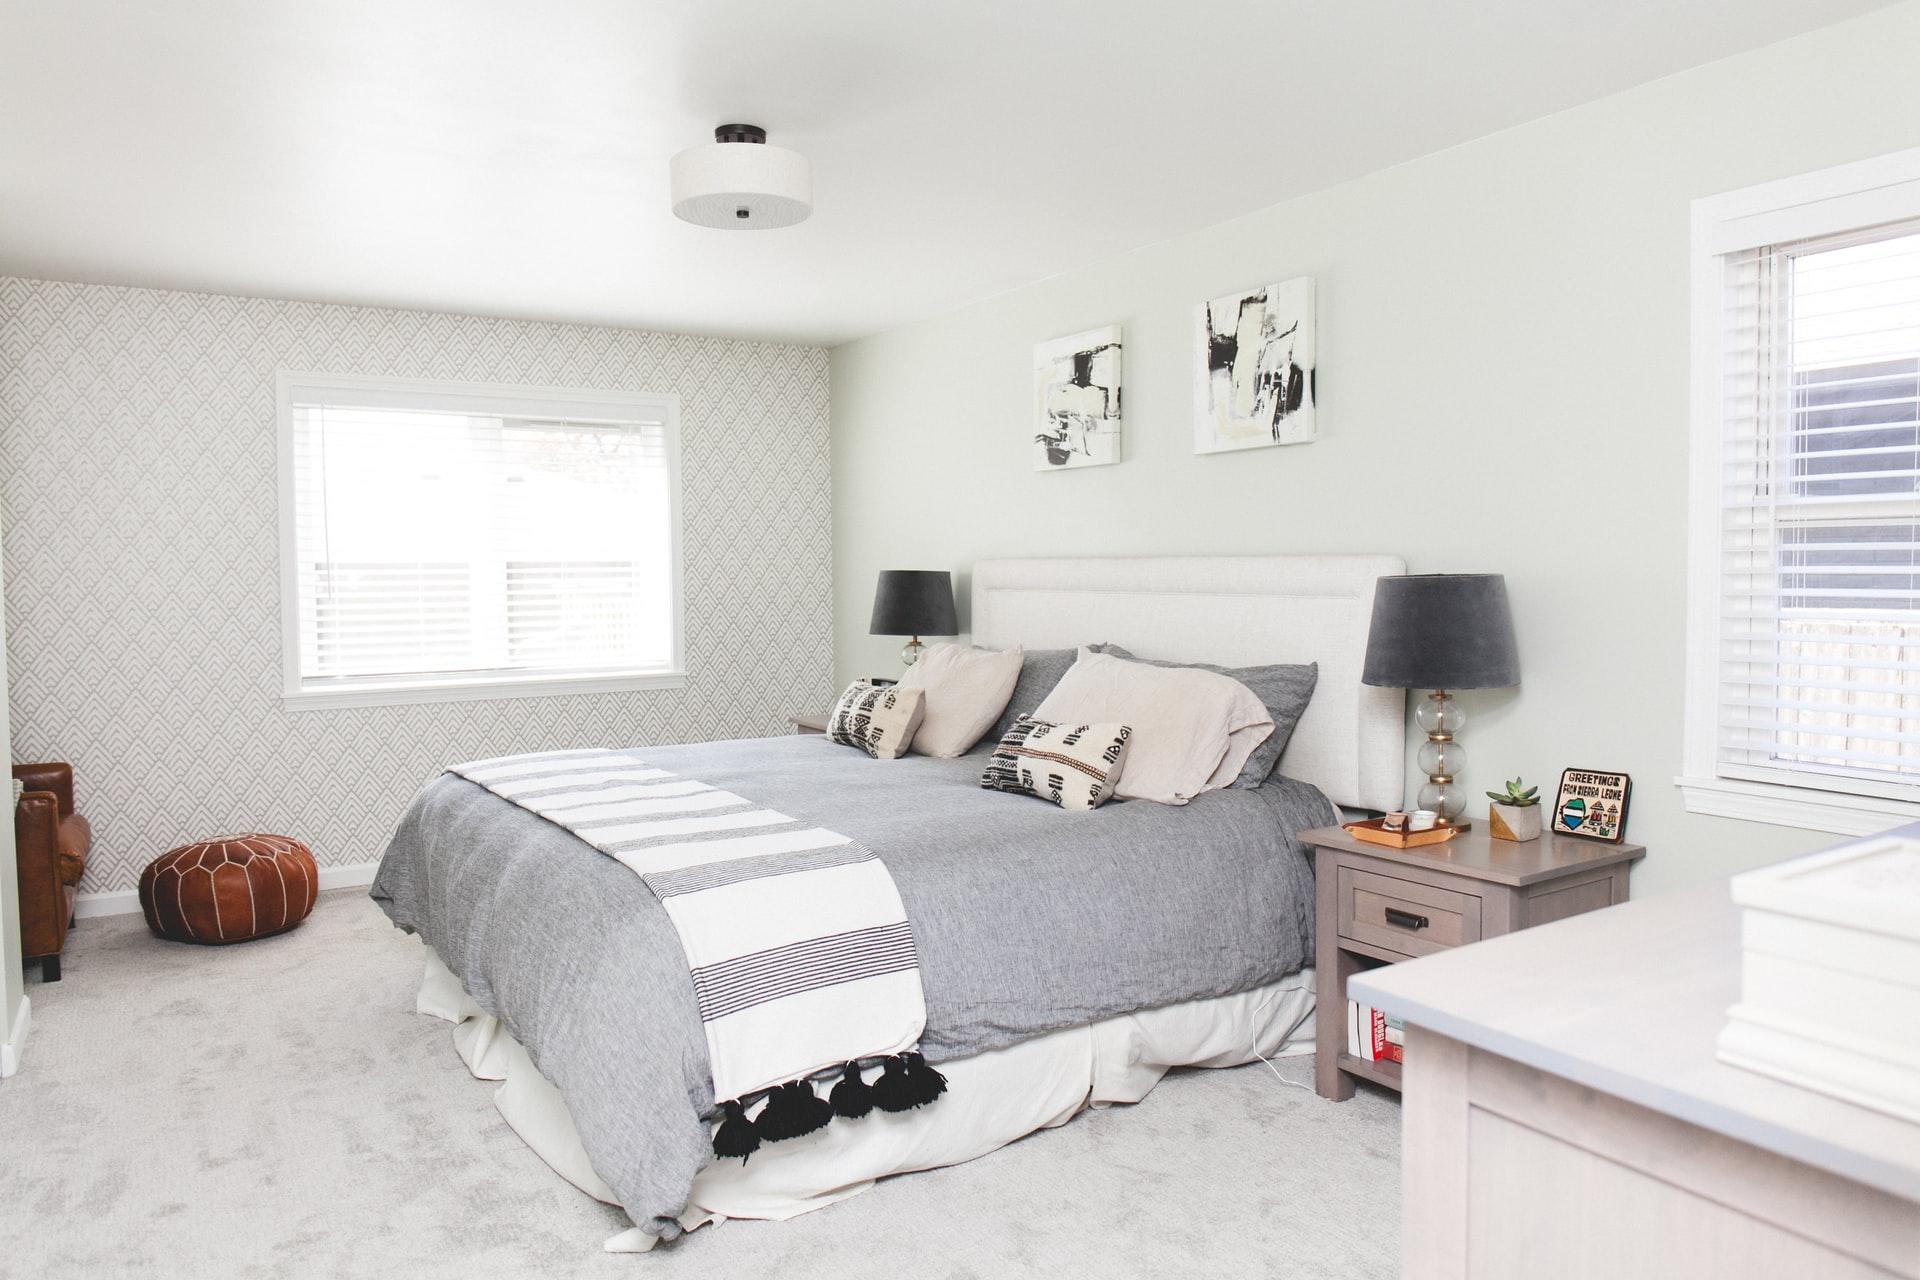 Jak dobrze i praktycznie urządzić domową sypialnię